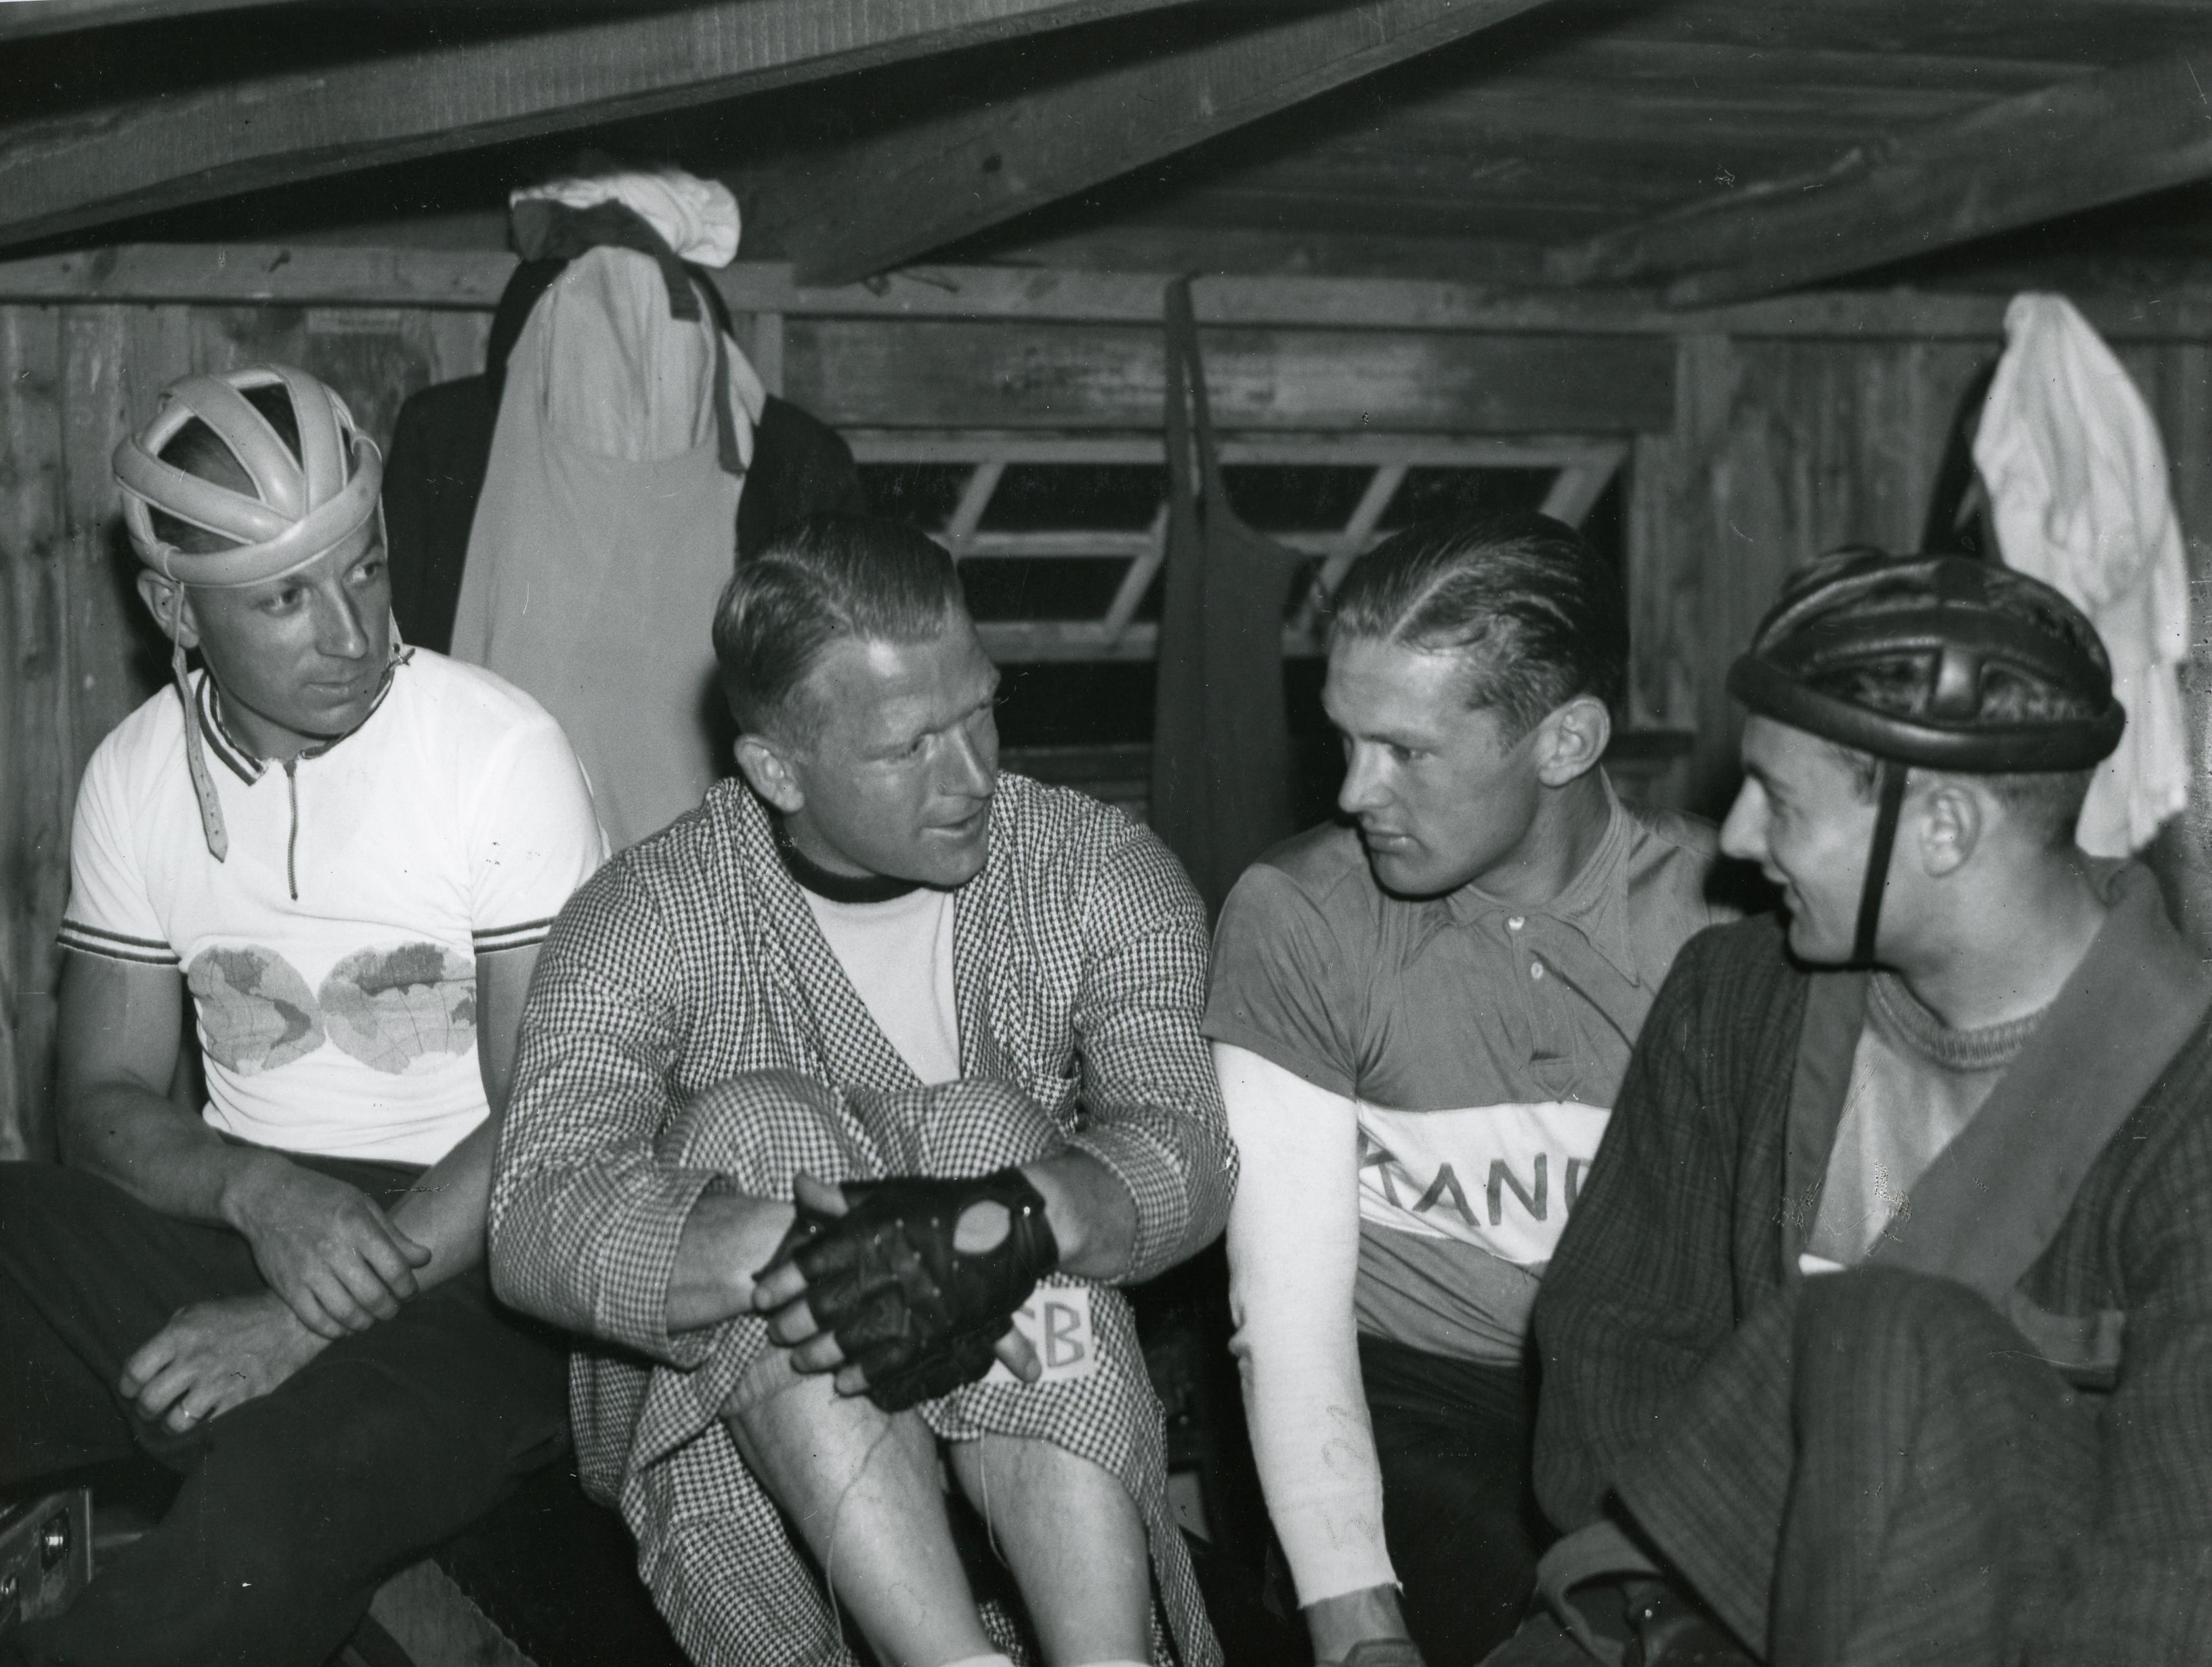 Deltagerne i den professionelle landskamp mellem Danmark - Frankrig på Aarhus Cyklebane, fra venstre Lucien Michard, Willy Falck Hansen, Heino Dissing, Louis Chaillot. Foto: Aage Fredslund Andersen.